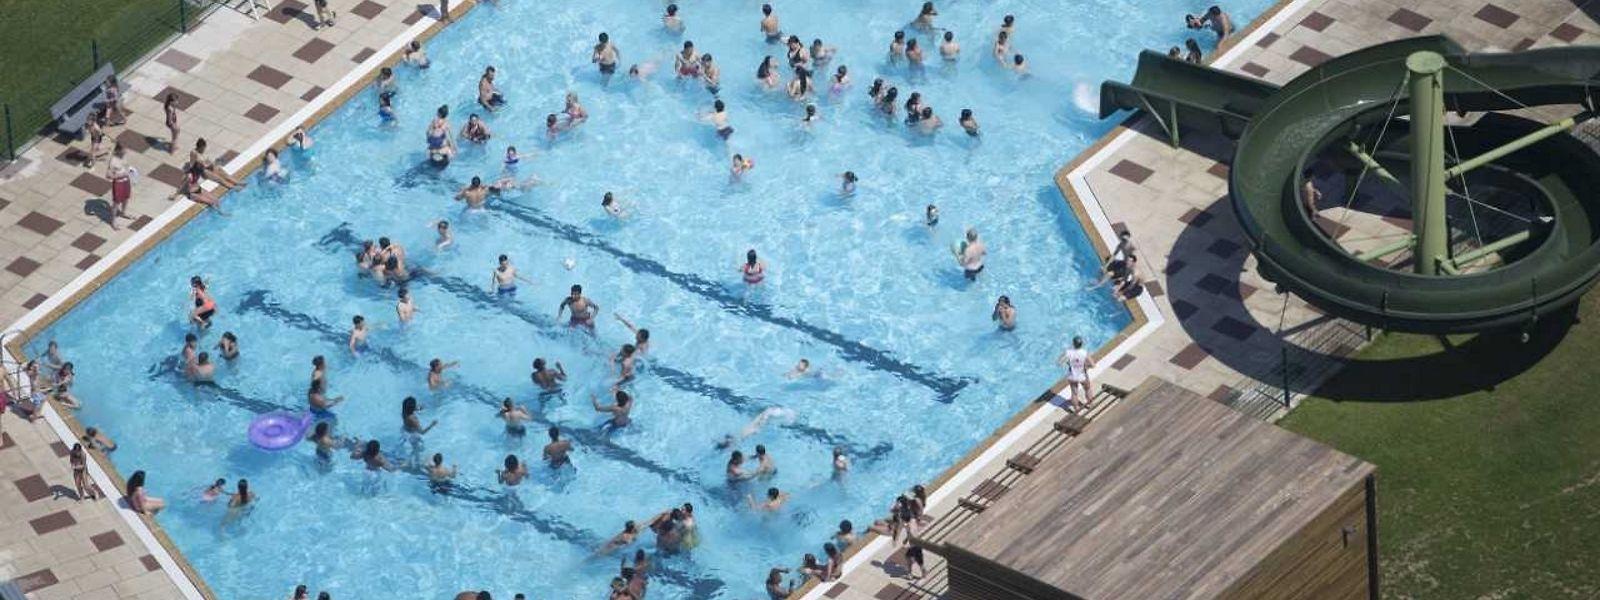 Das beliebte Freibad in Vianden wird am Samstag wiedereröffnet.